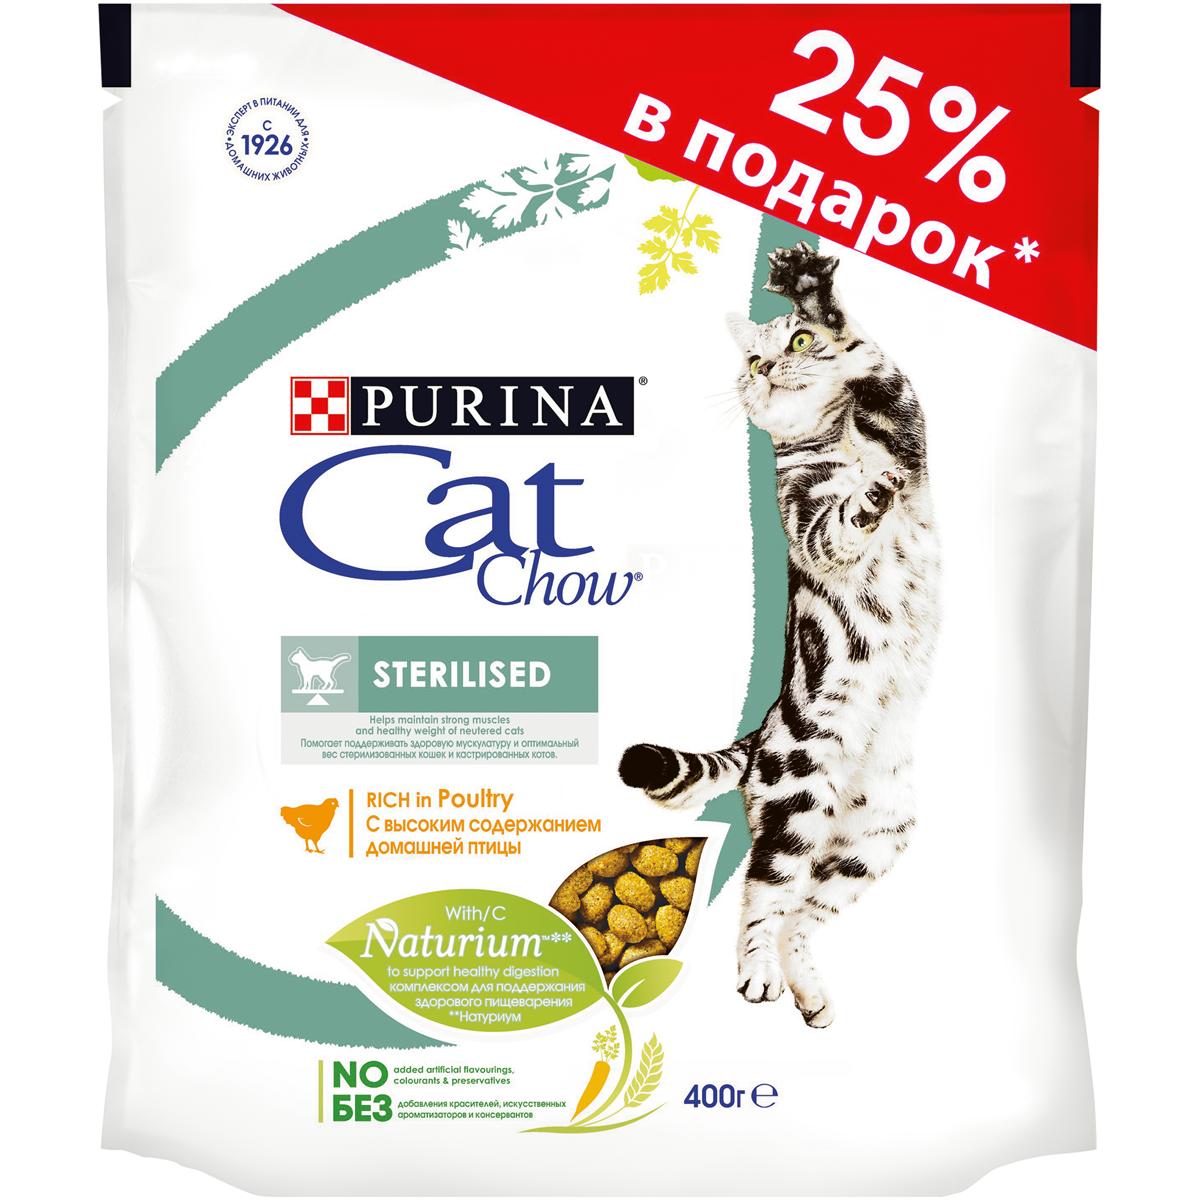 Корм сухой Cat Chow полнорационный для стерилизованных кошек и кастрированных котов, со вкусом домашней птицы, 400 г сухой корм cat chow для кошек с чувствительным пищеварением и чувствительной кожей 15кг